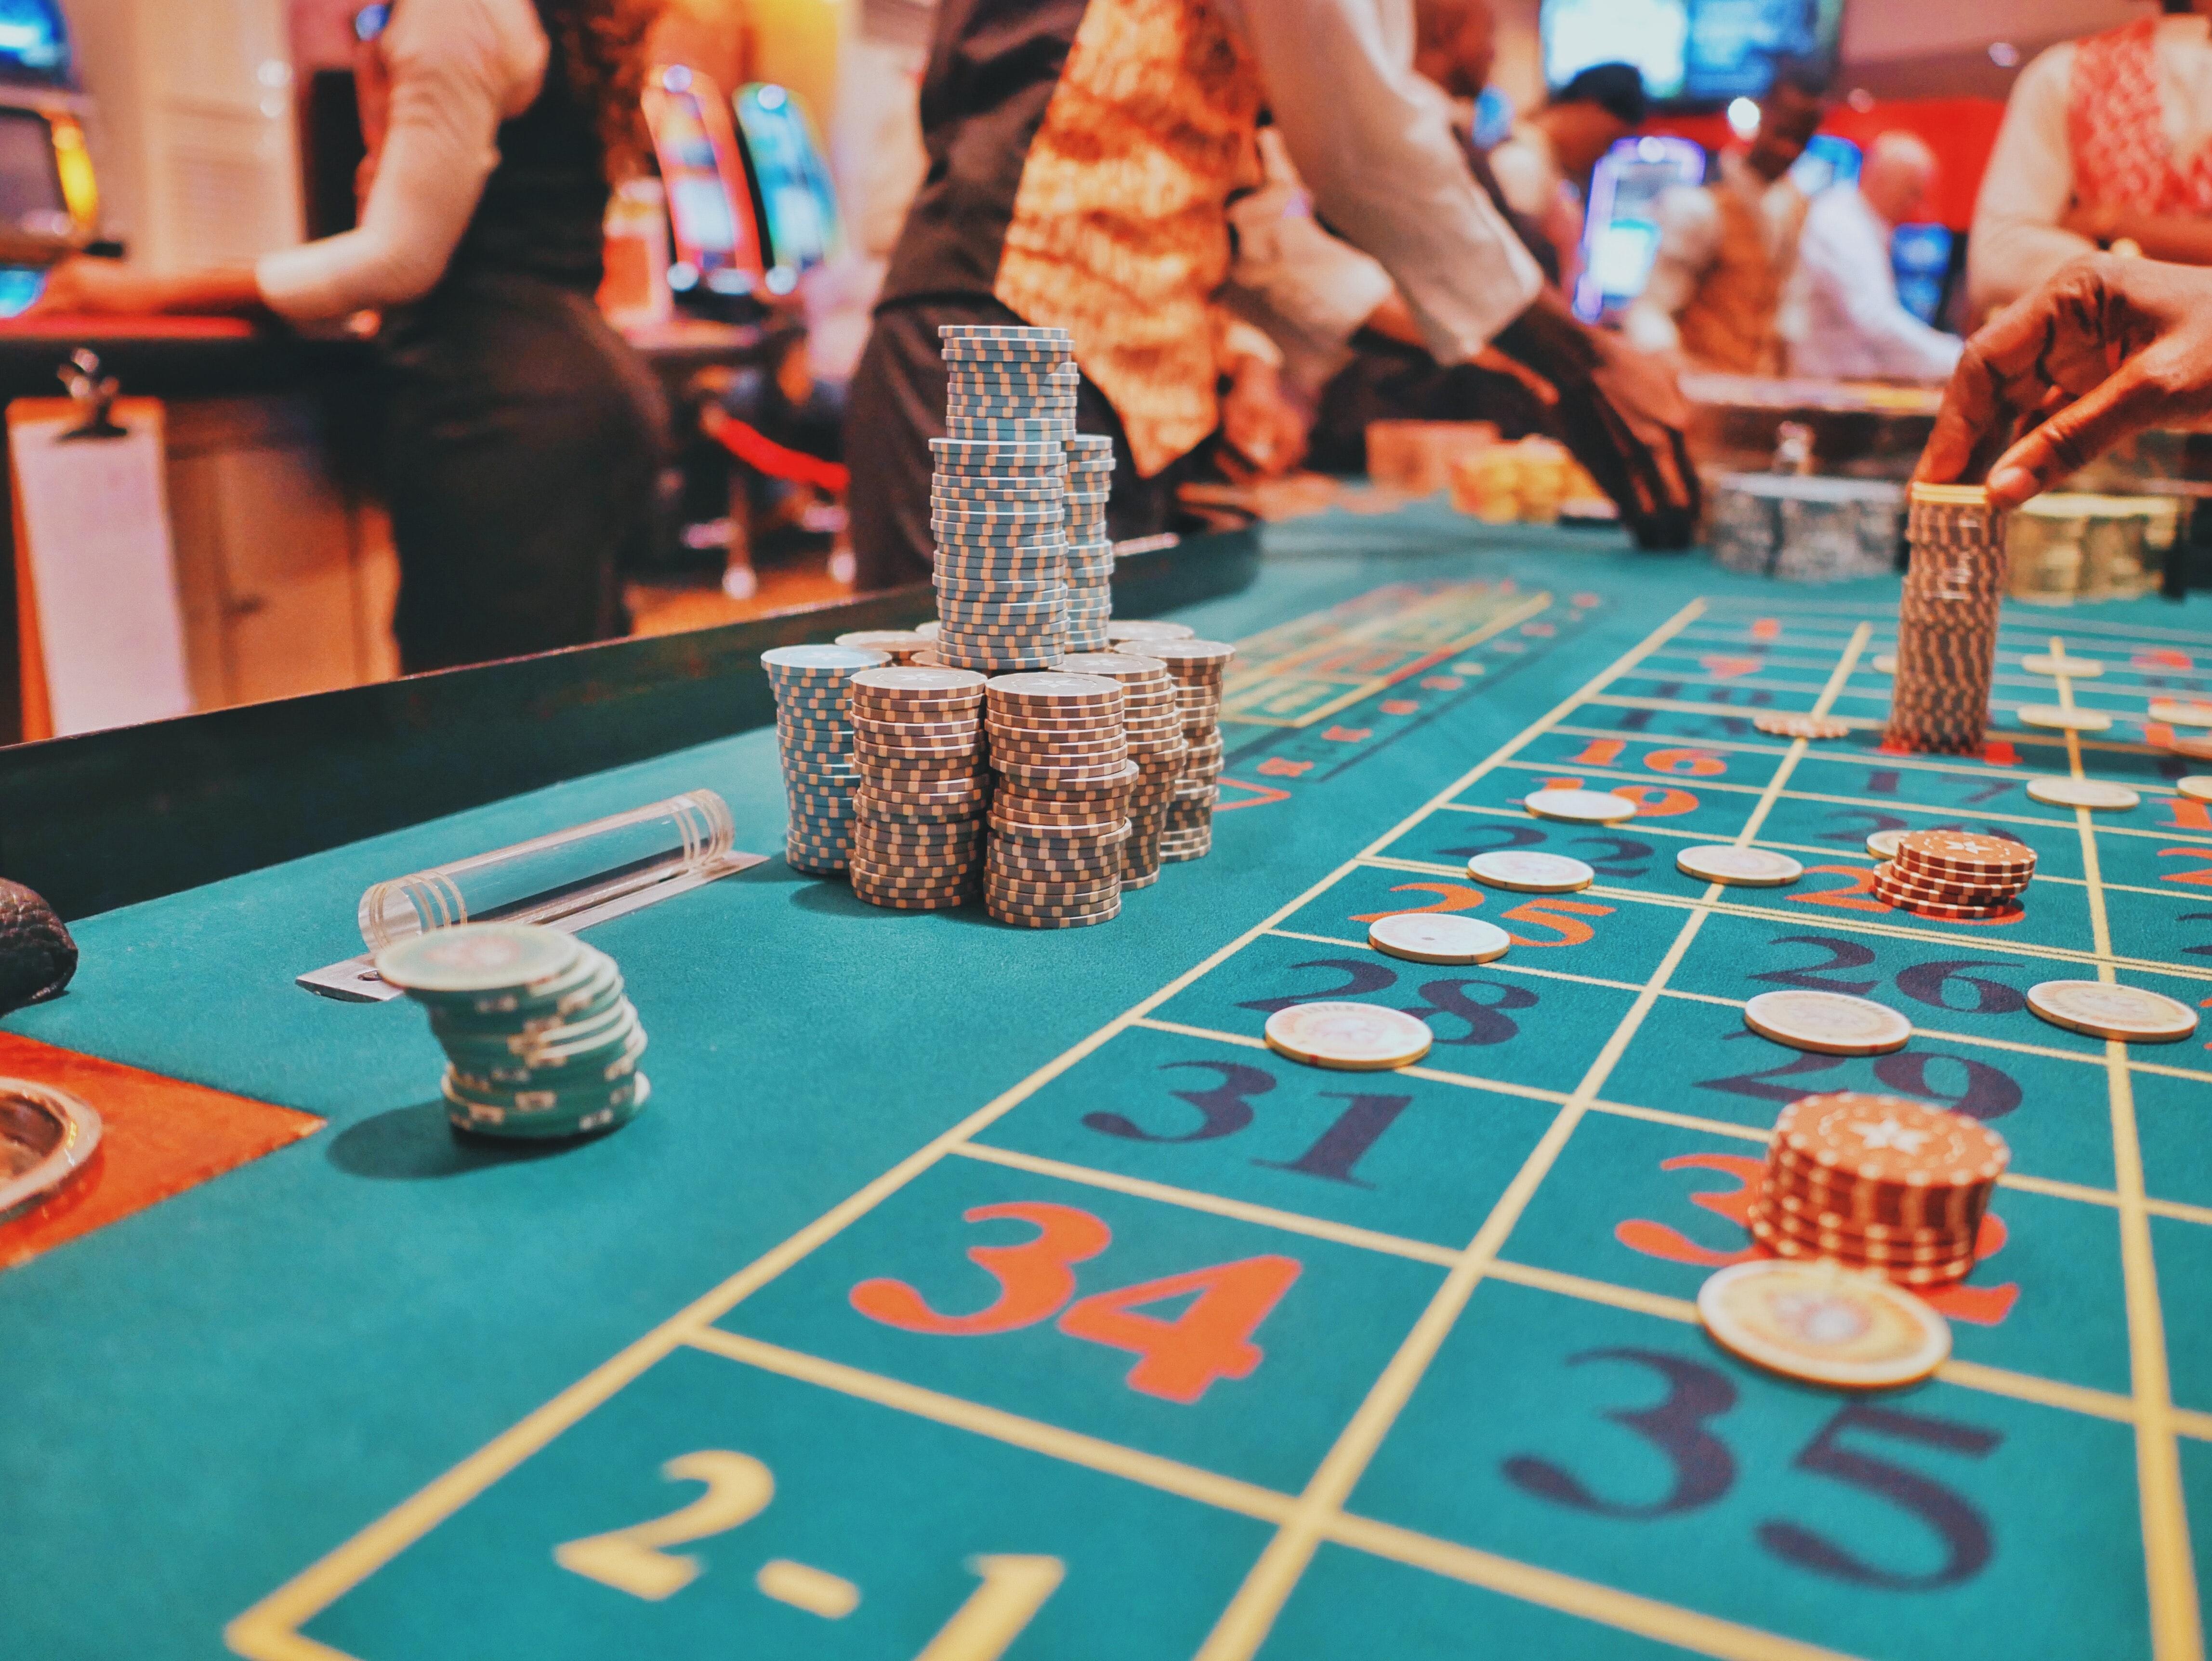 加密货币如何使上线赌博变得更容易 0001